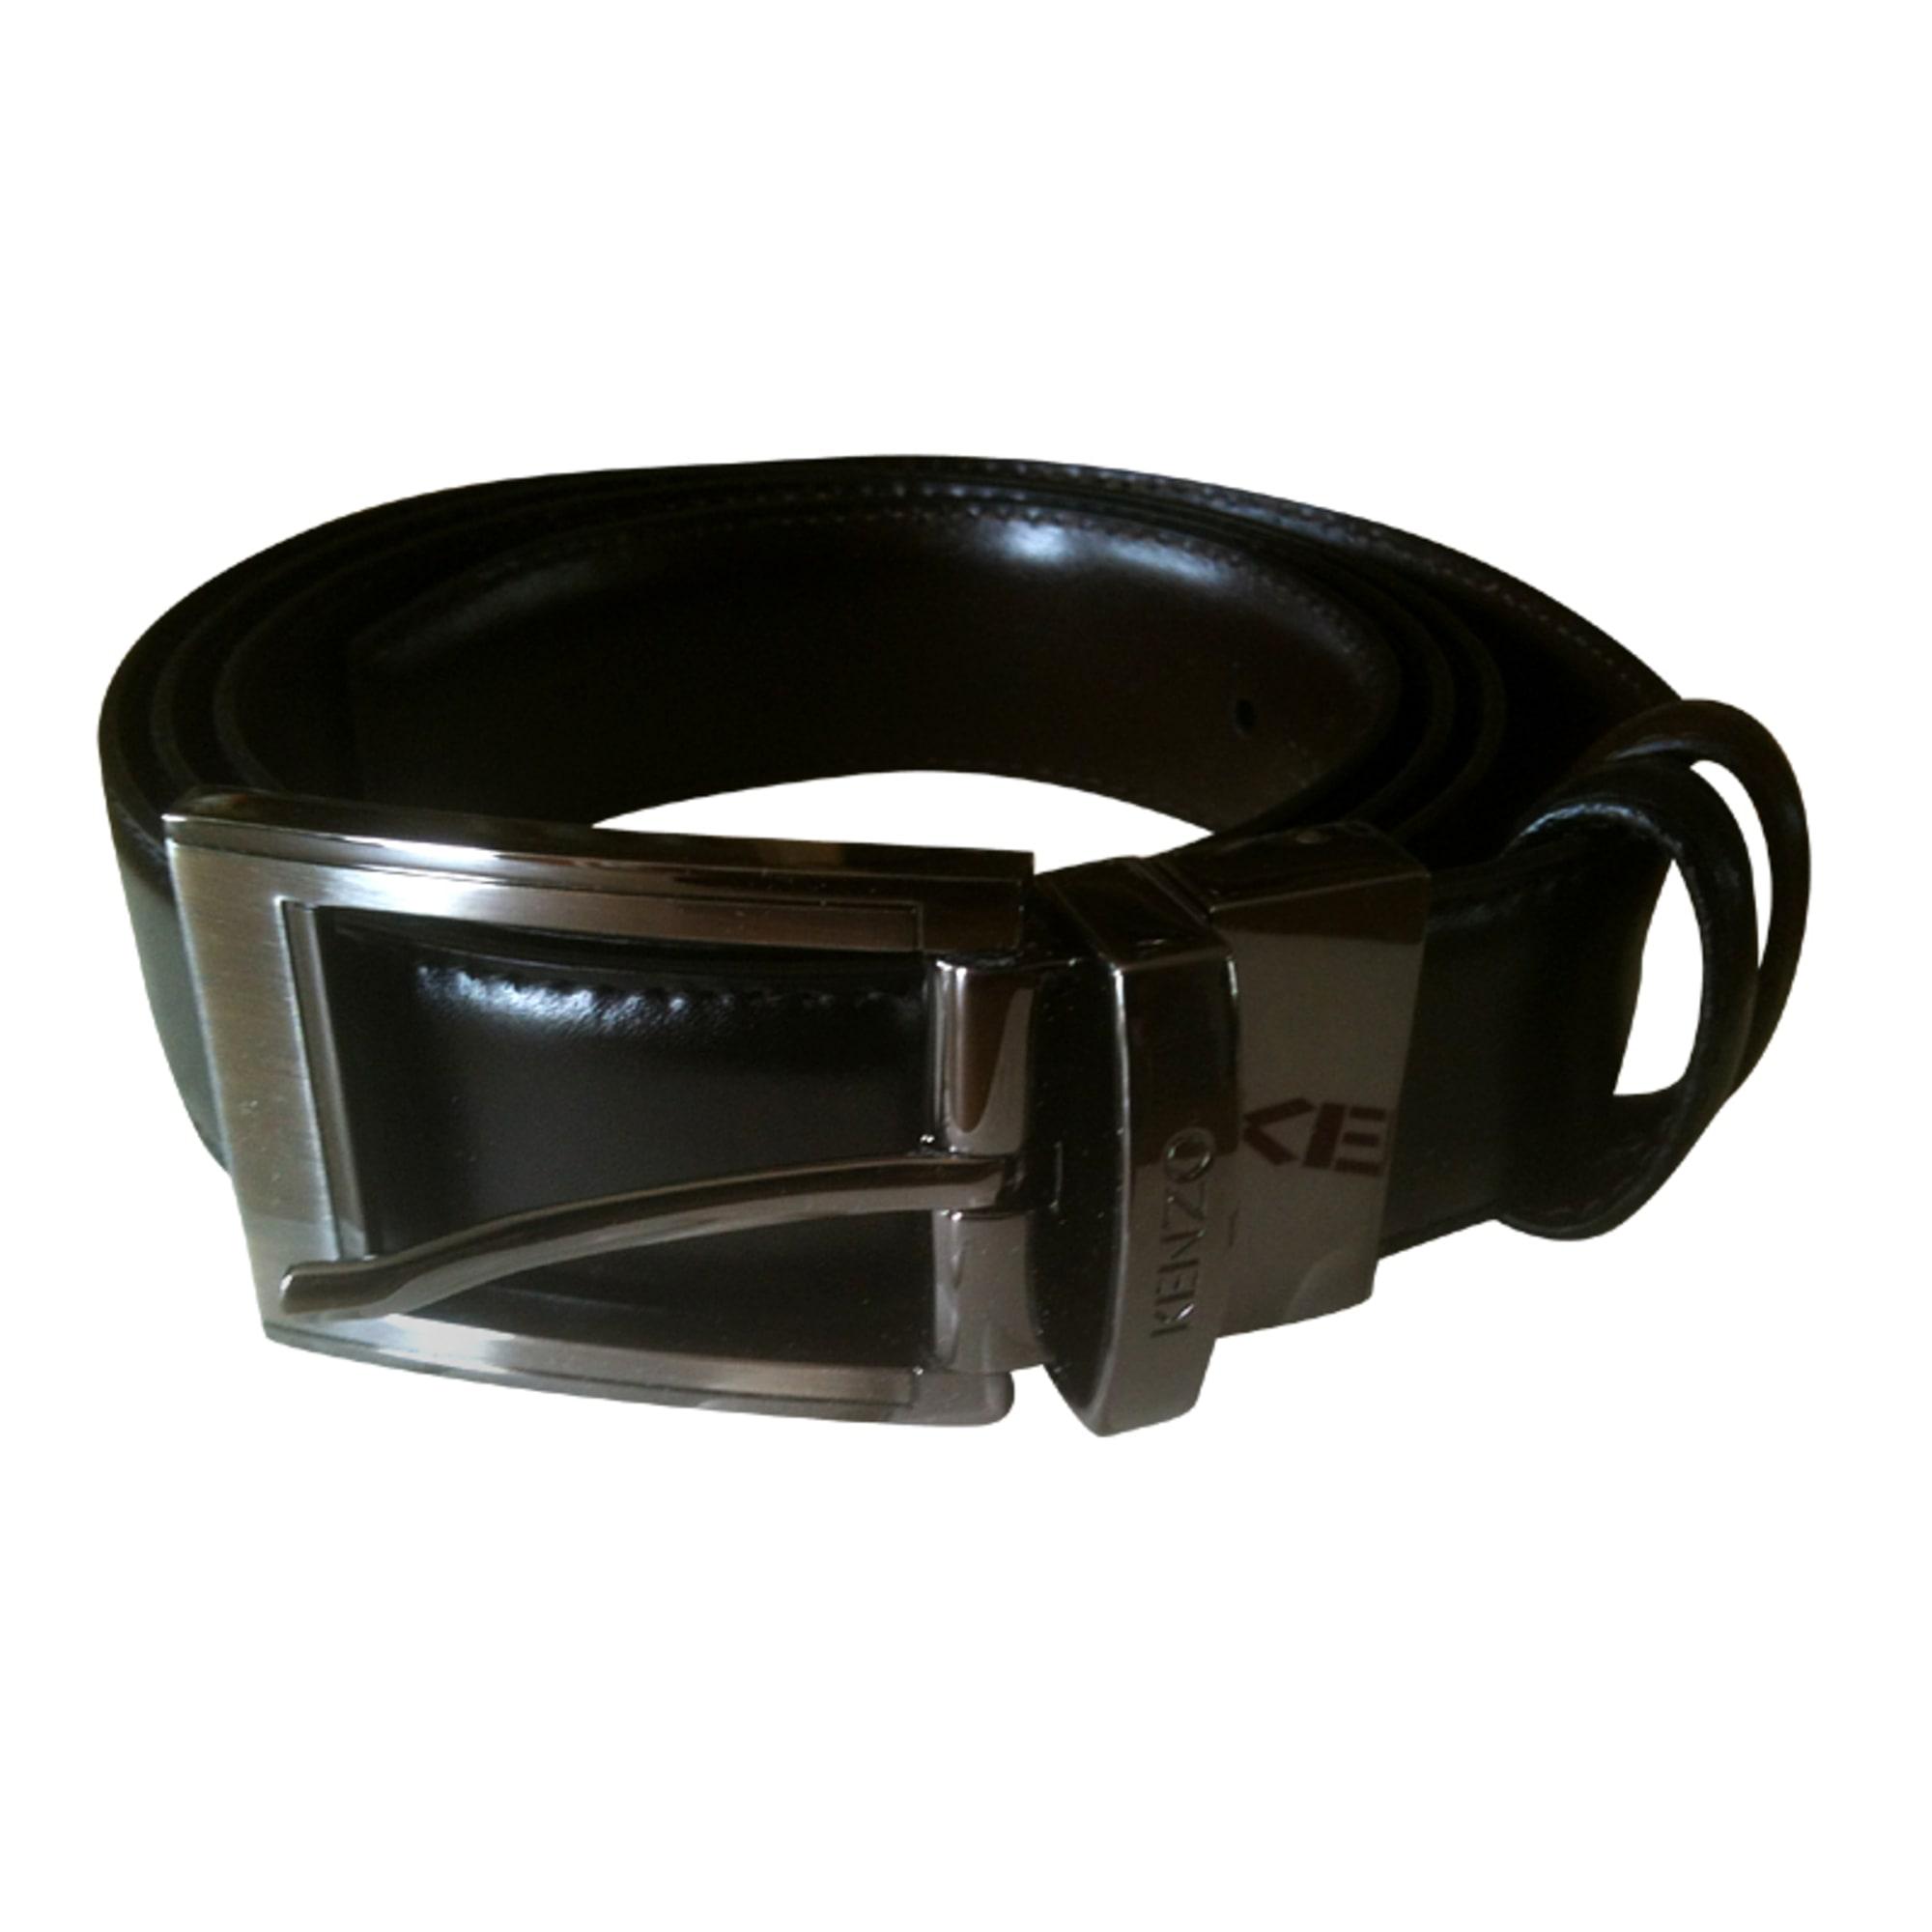 7d6086a0c90c Ceinture KENZO Taille unique noir vendu par Luxe(mbourg)26460 - 620539